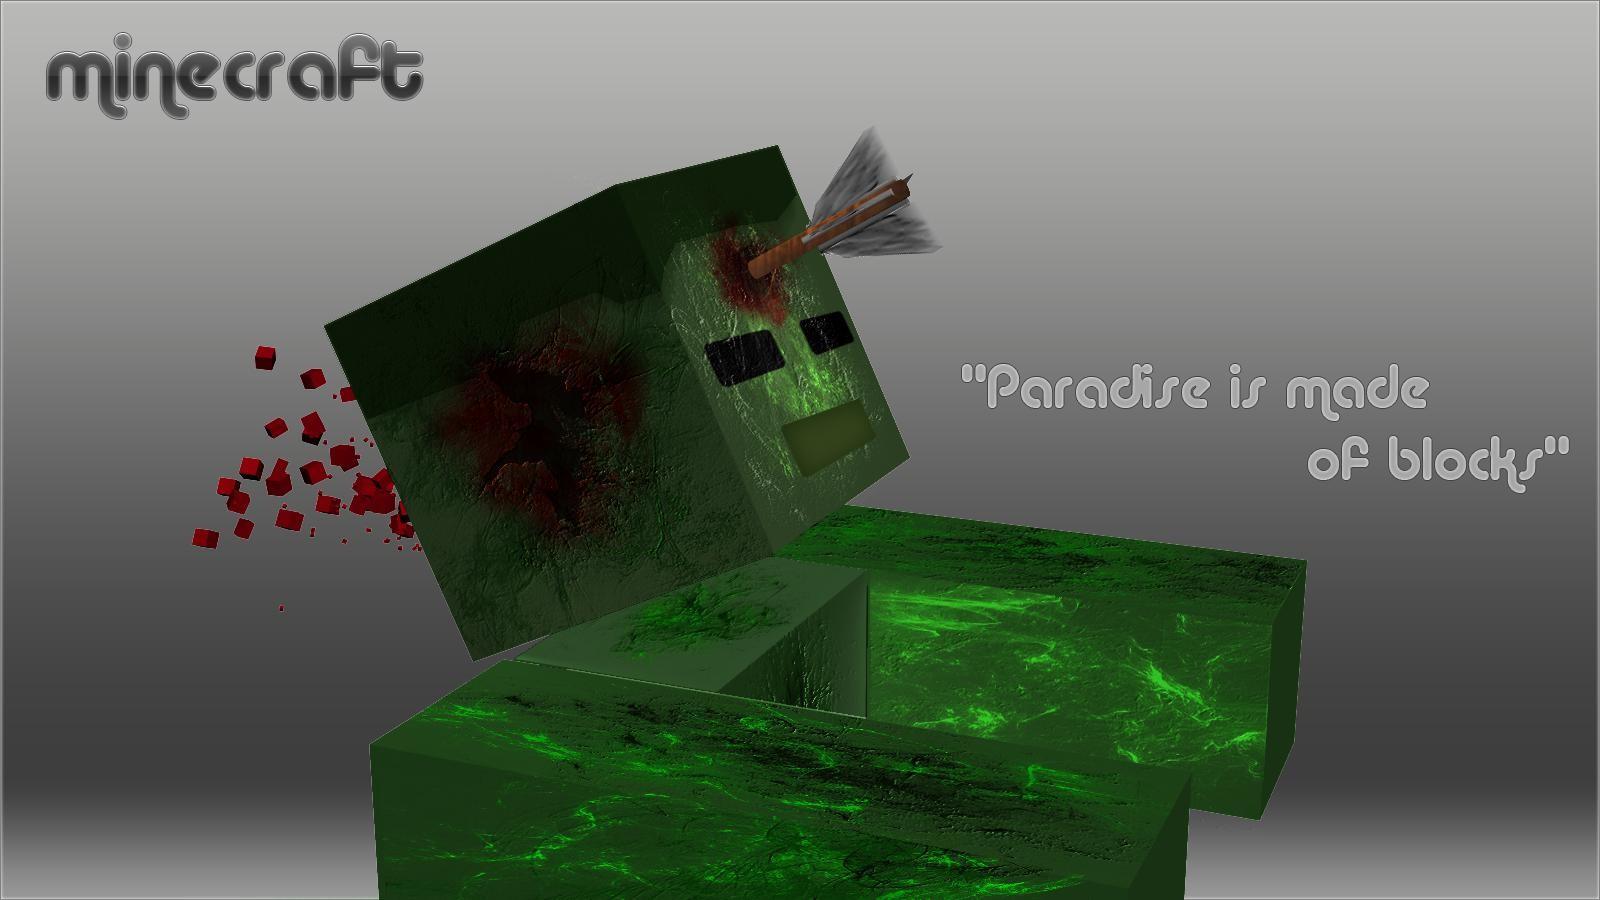 Wallpaper Illustration Minecraft Green Creeper Brand